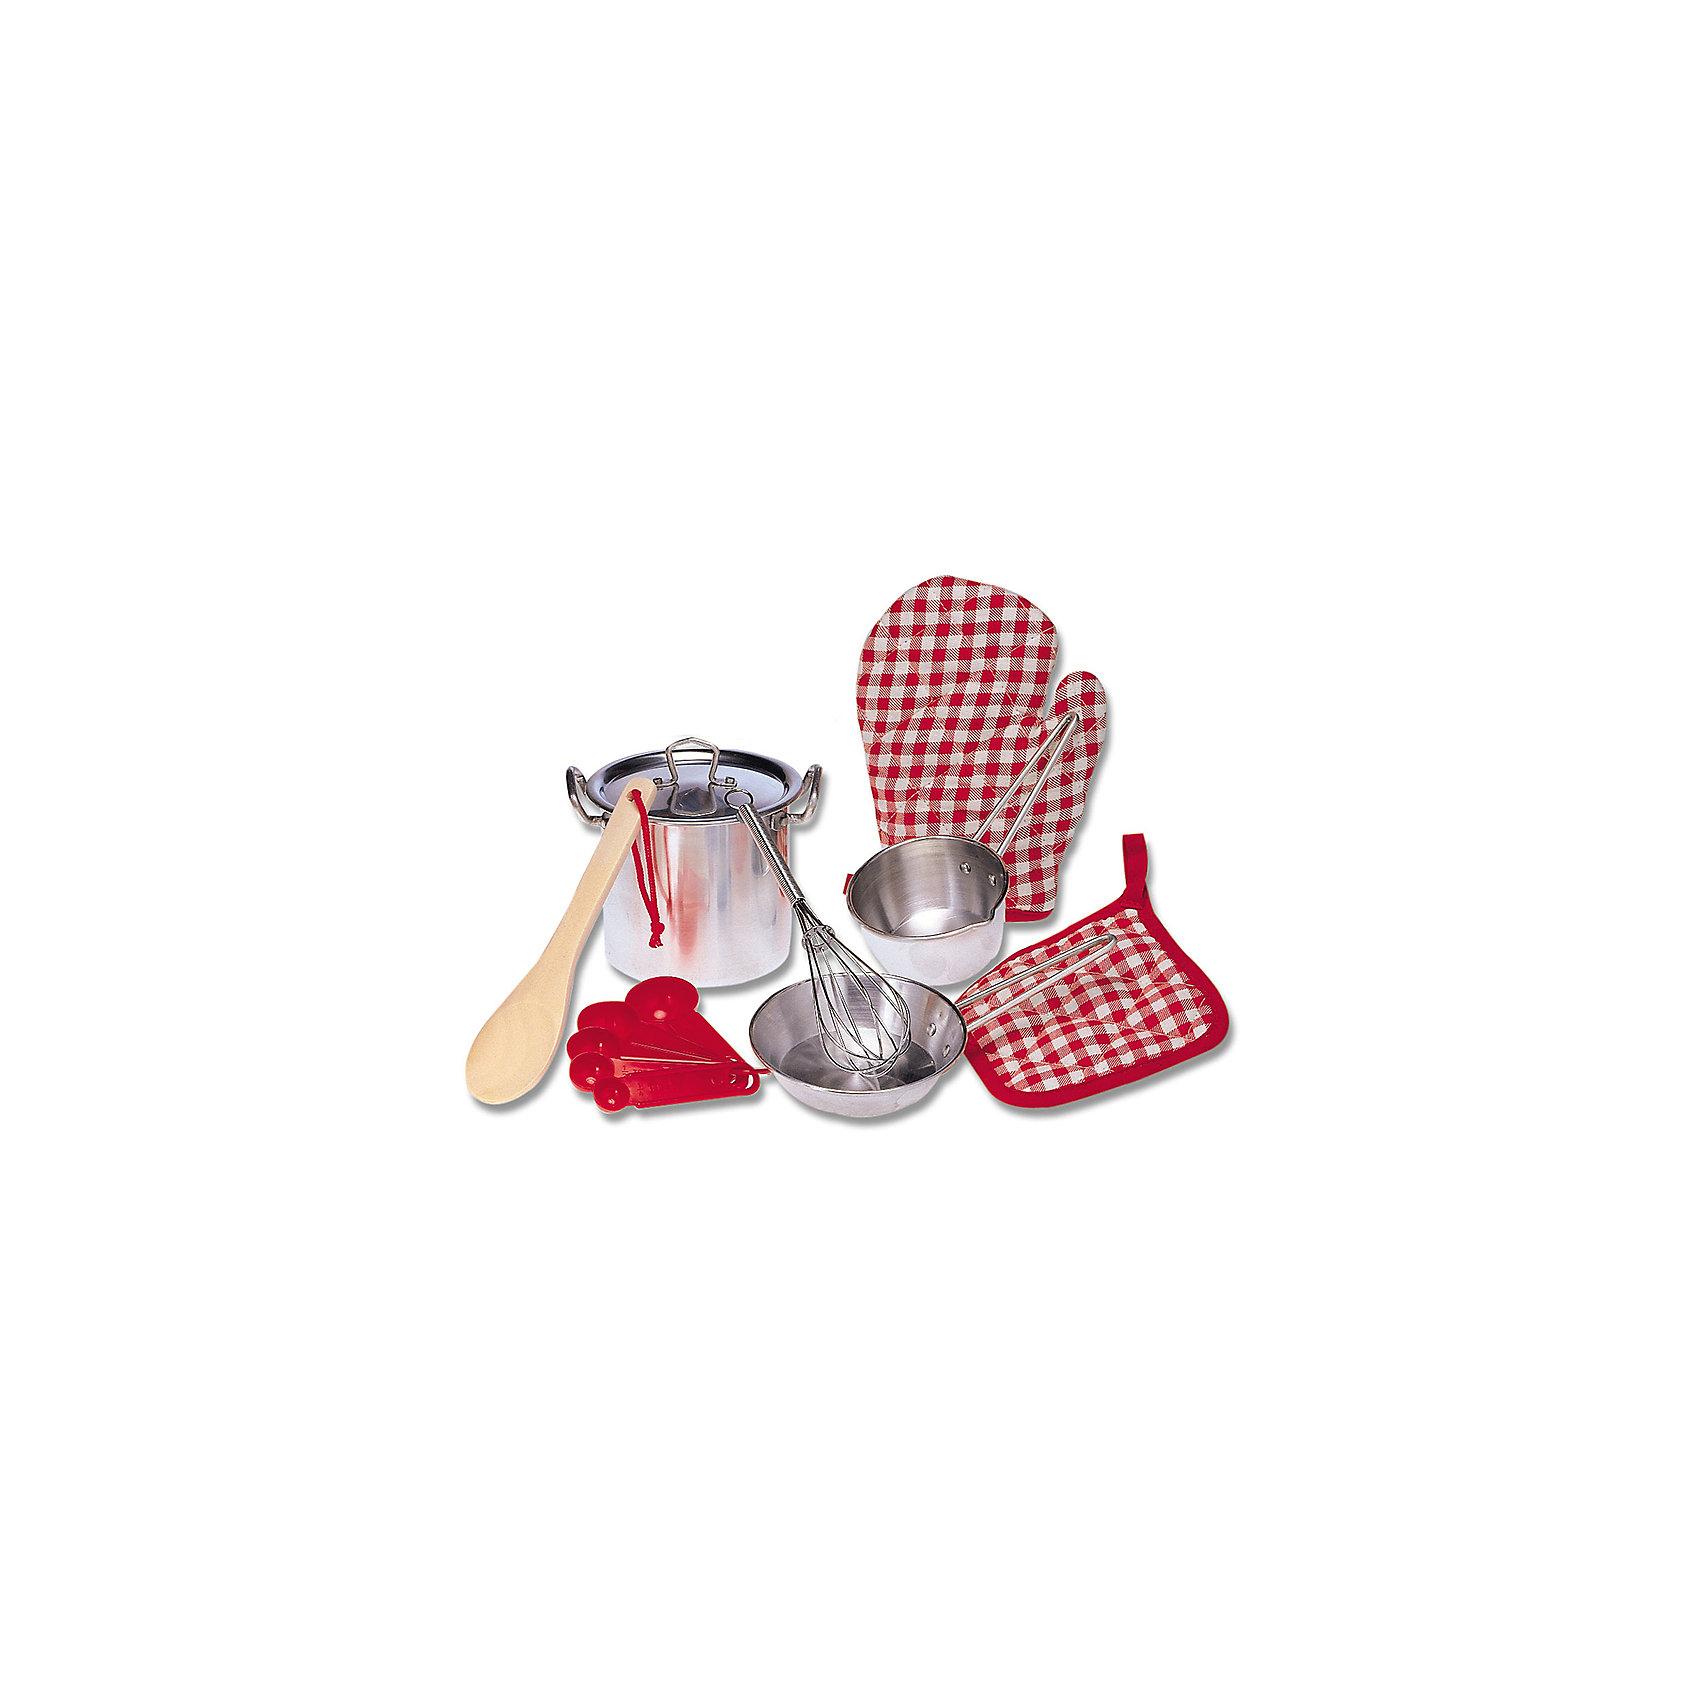 ALEX Набор кухонной посуды, ALEX alex alex посуда игрушечная chasing butterflies ceramic tea set поймай бабочку 13 предметов